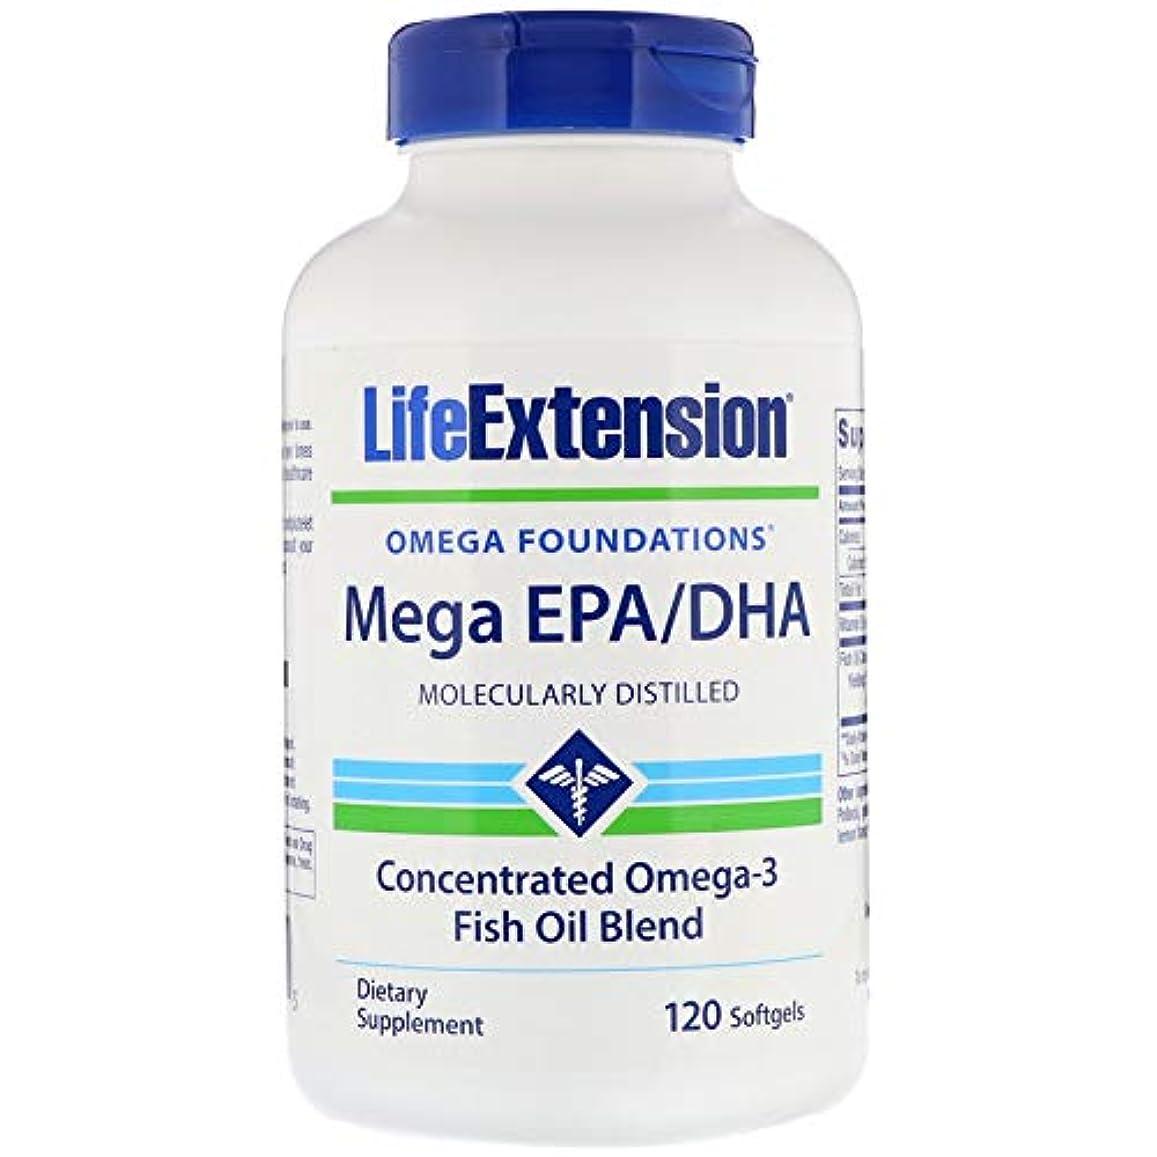 振動するホイッスル博物館メガ EPA/DHA600 mg含有/粒 120粒ソフトジェルカプセル 海外直送品